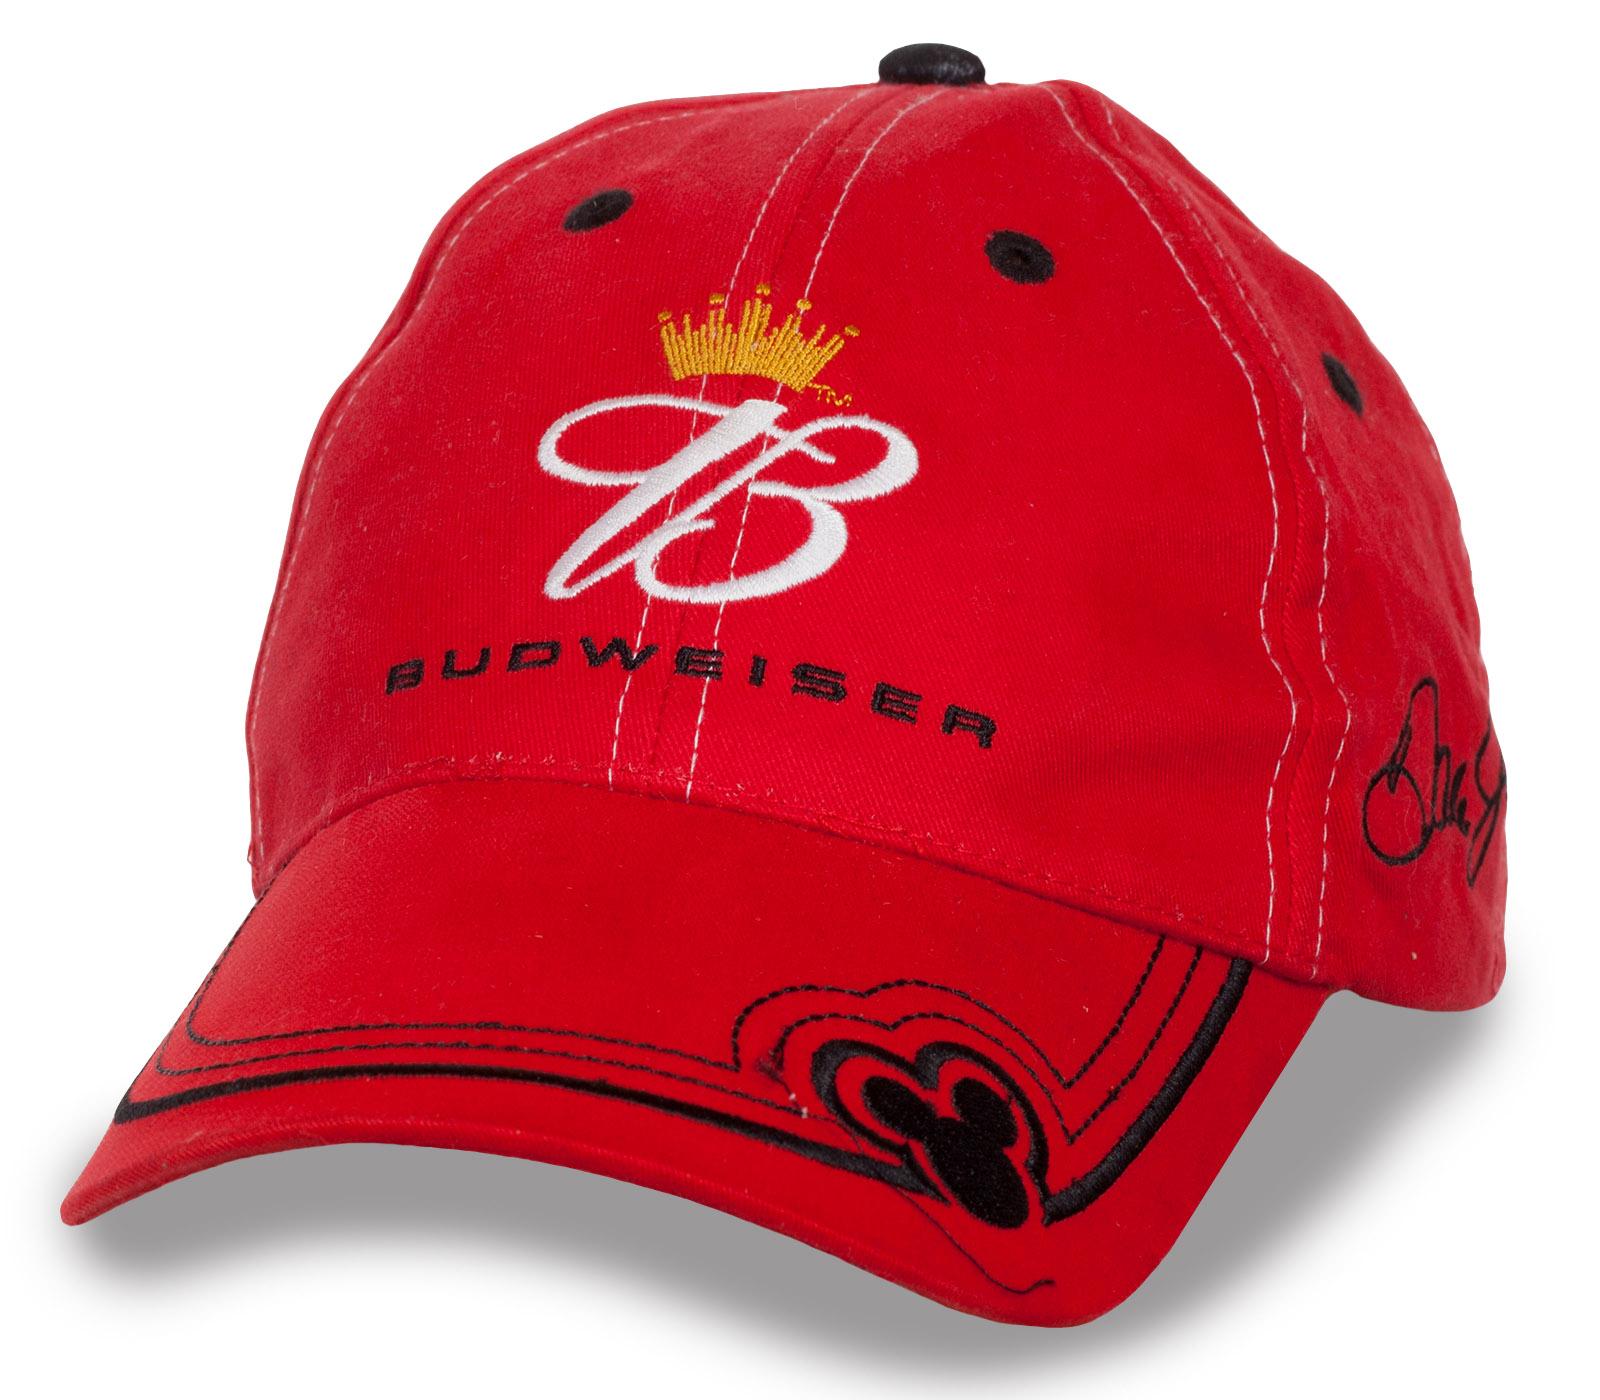 Красная бейсболка Budweiser.